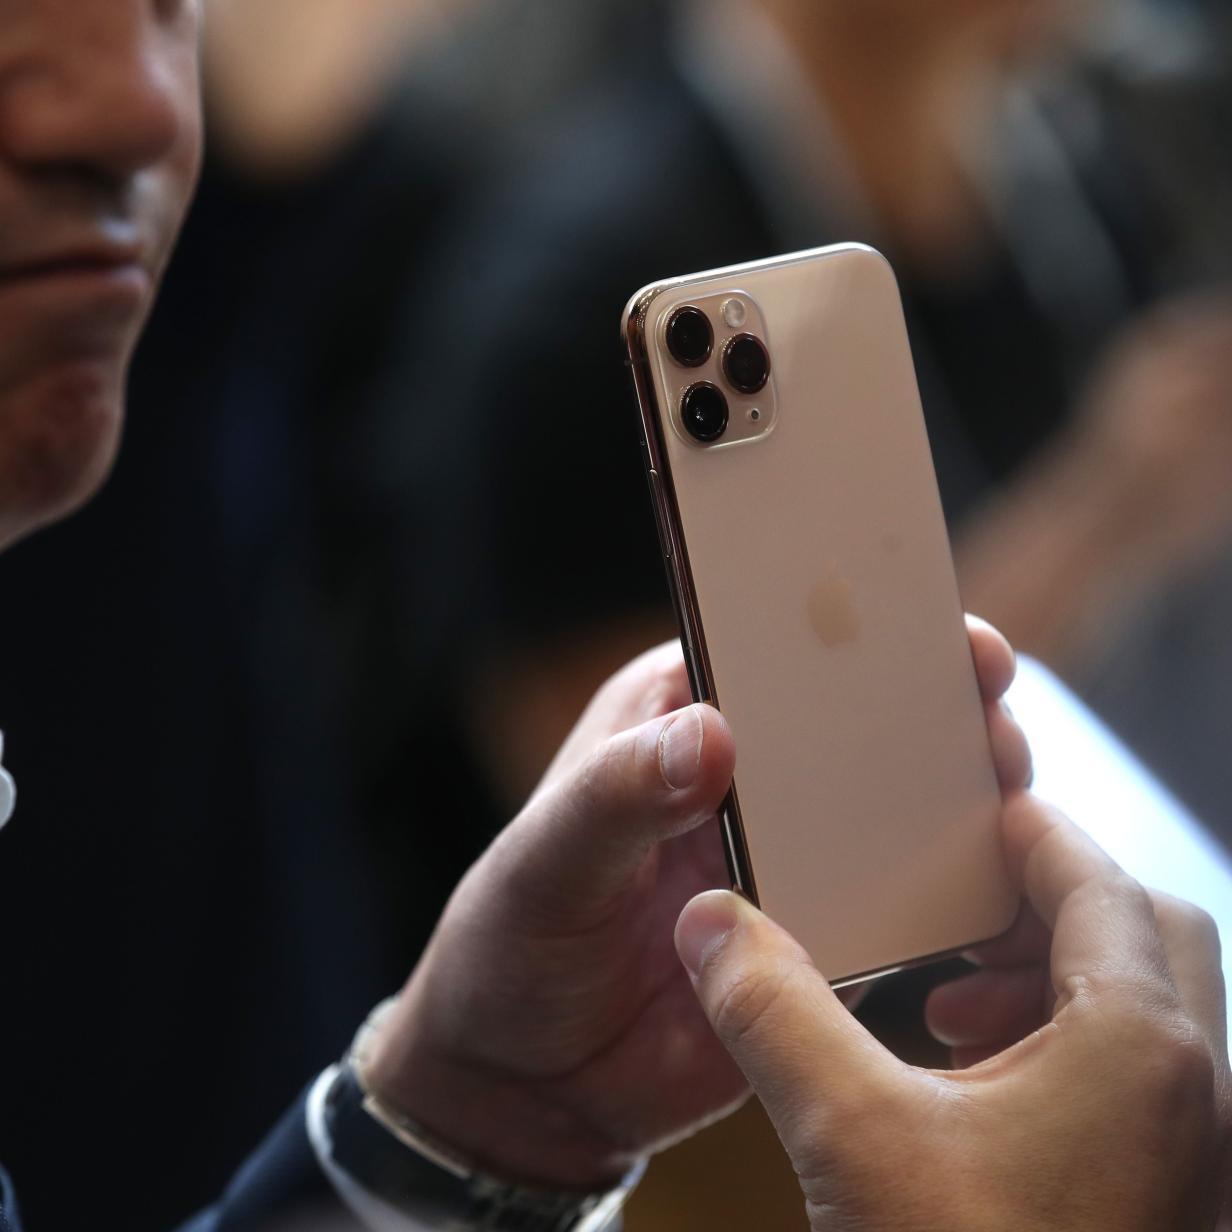 Erste Tester begeistert von iPhone 11 und enttäuscht von 11 Pro